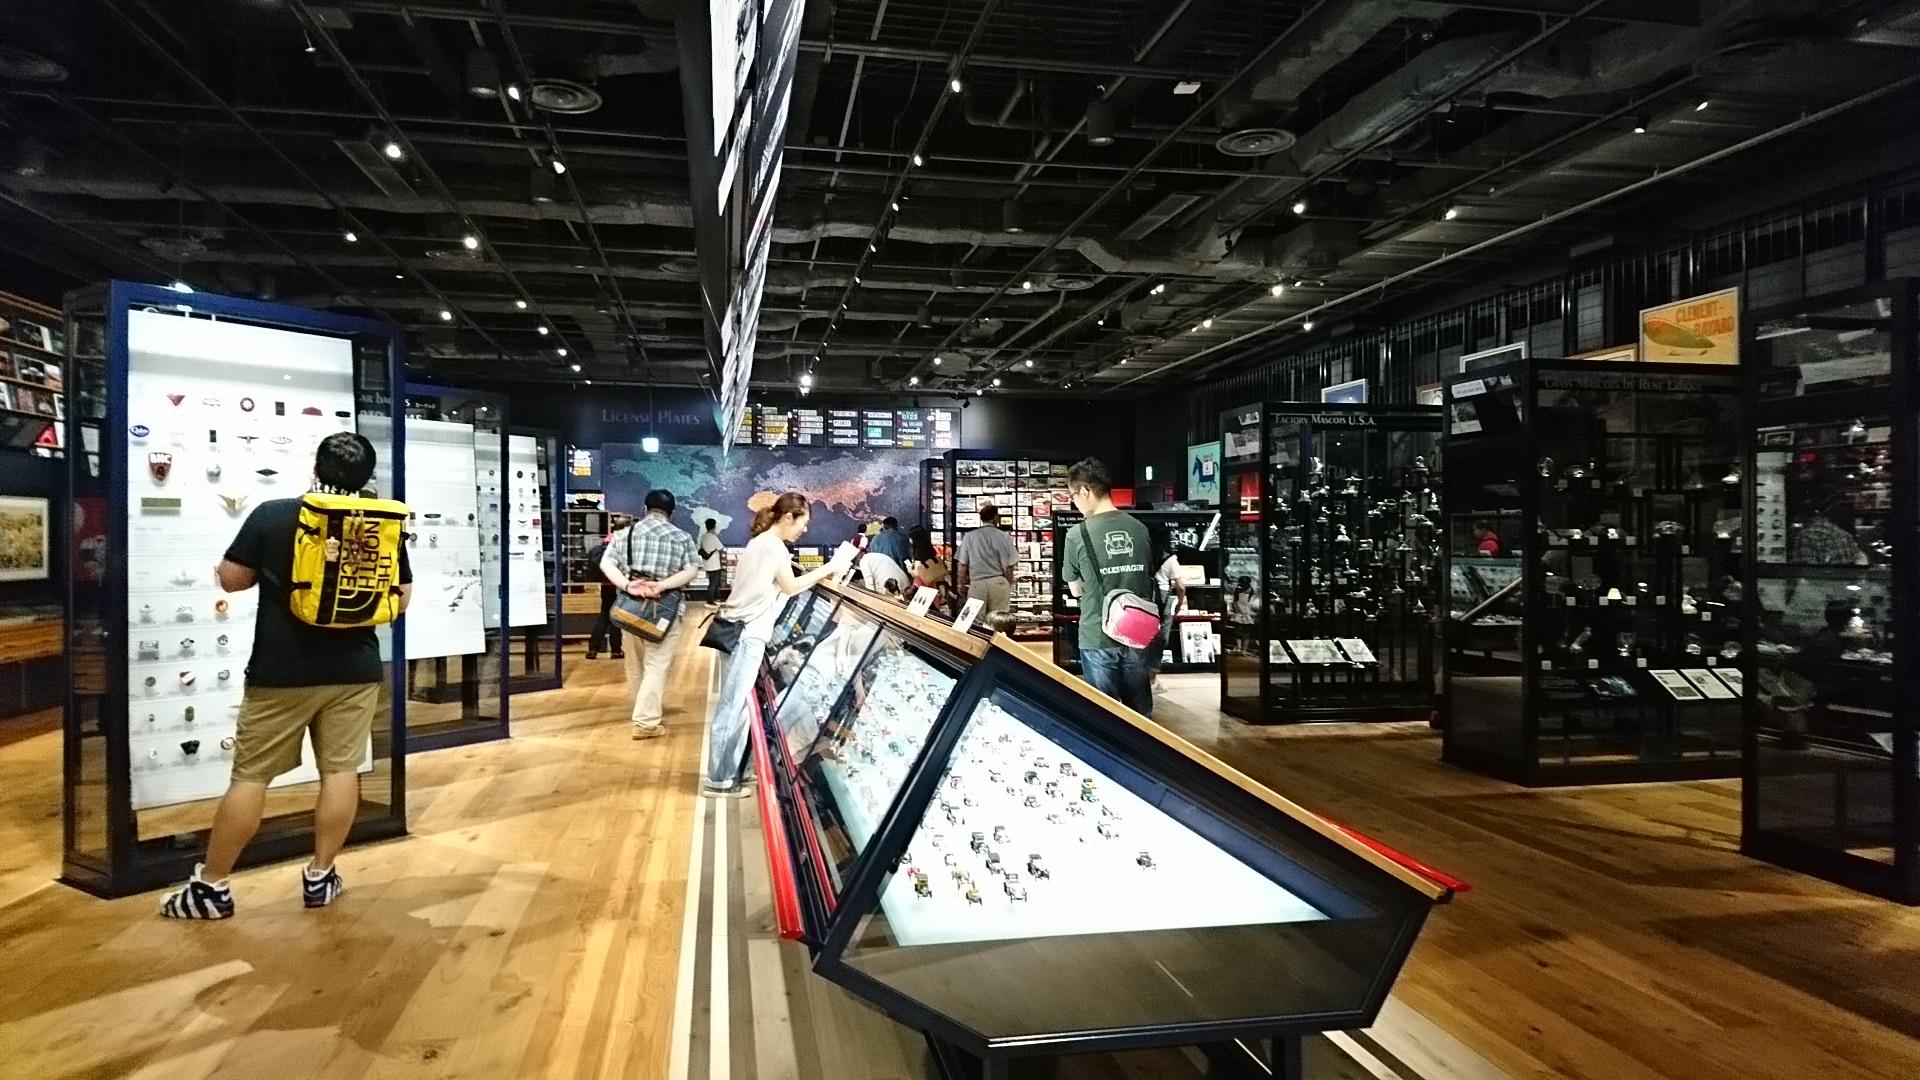 2019.6.30 (10004) トヨタ博物館 - 文化館 1920-1080